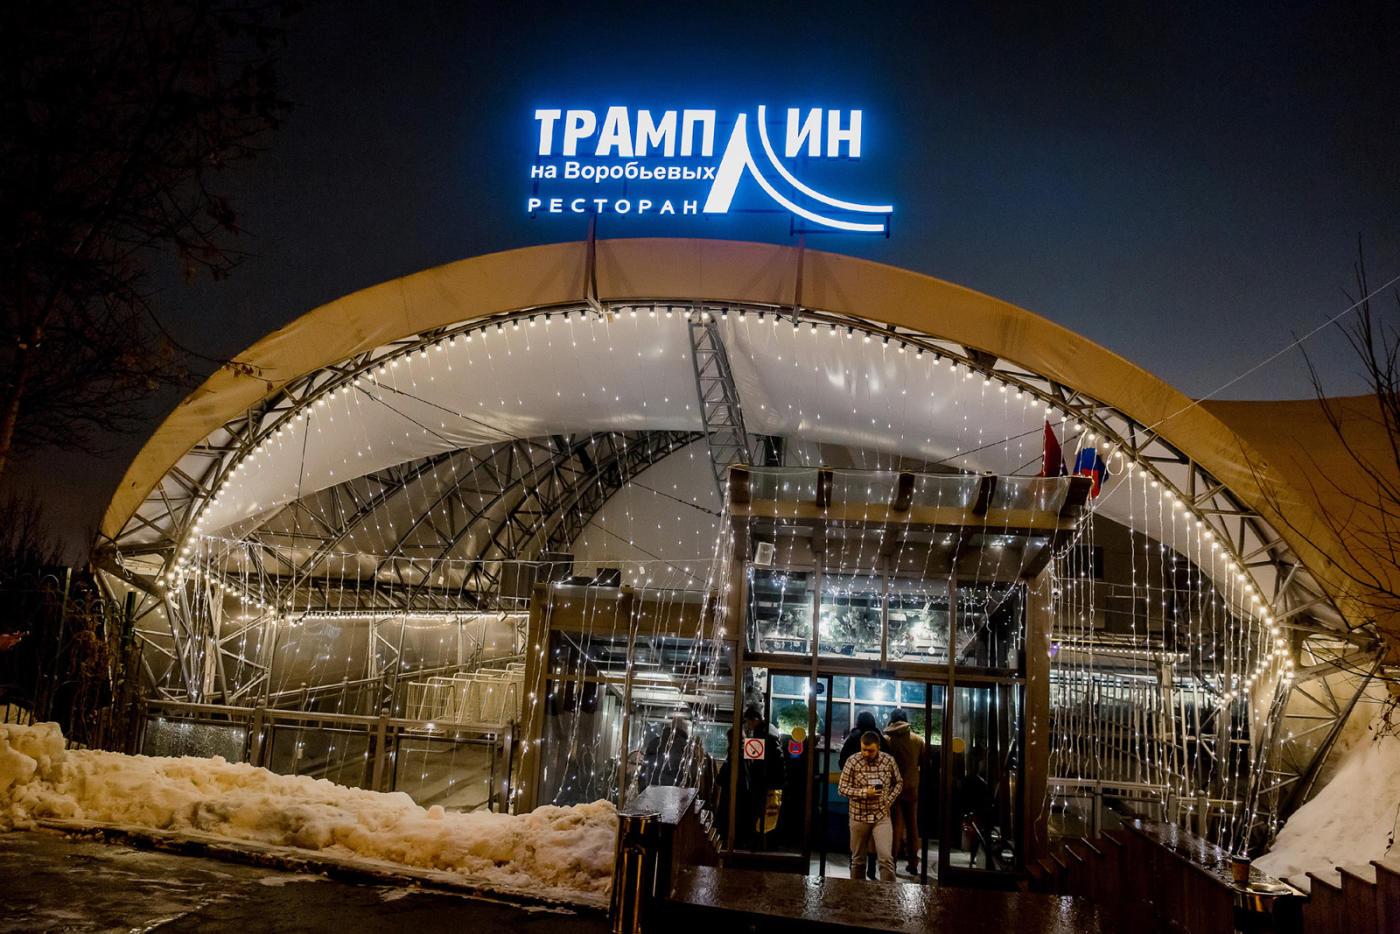 Панорамный Ресторан Трамплин на Воробьевых Горах фото 68